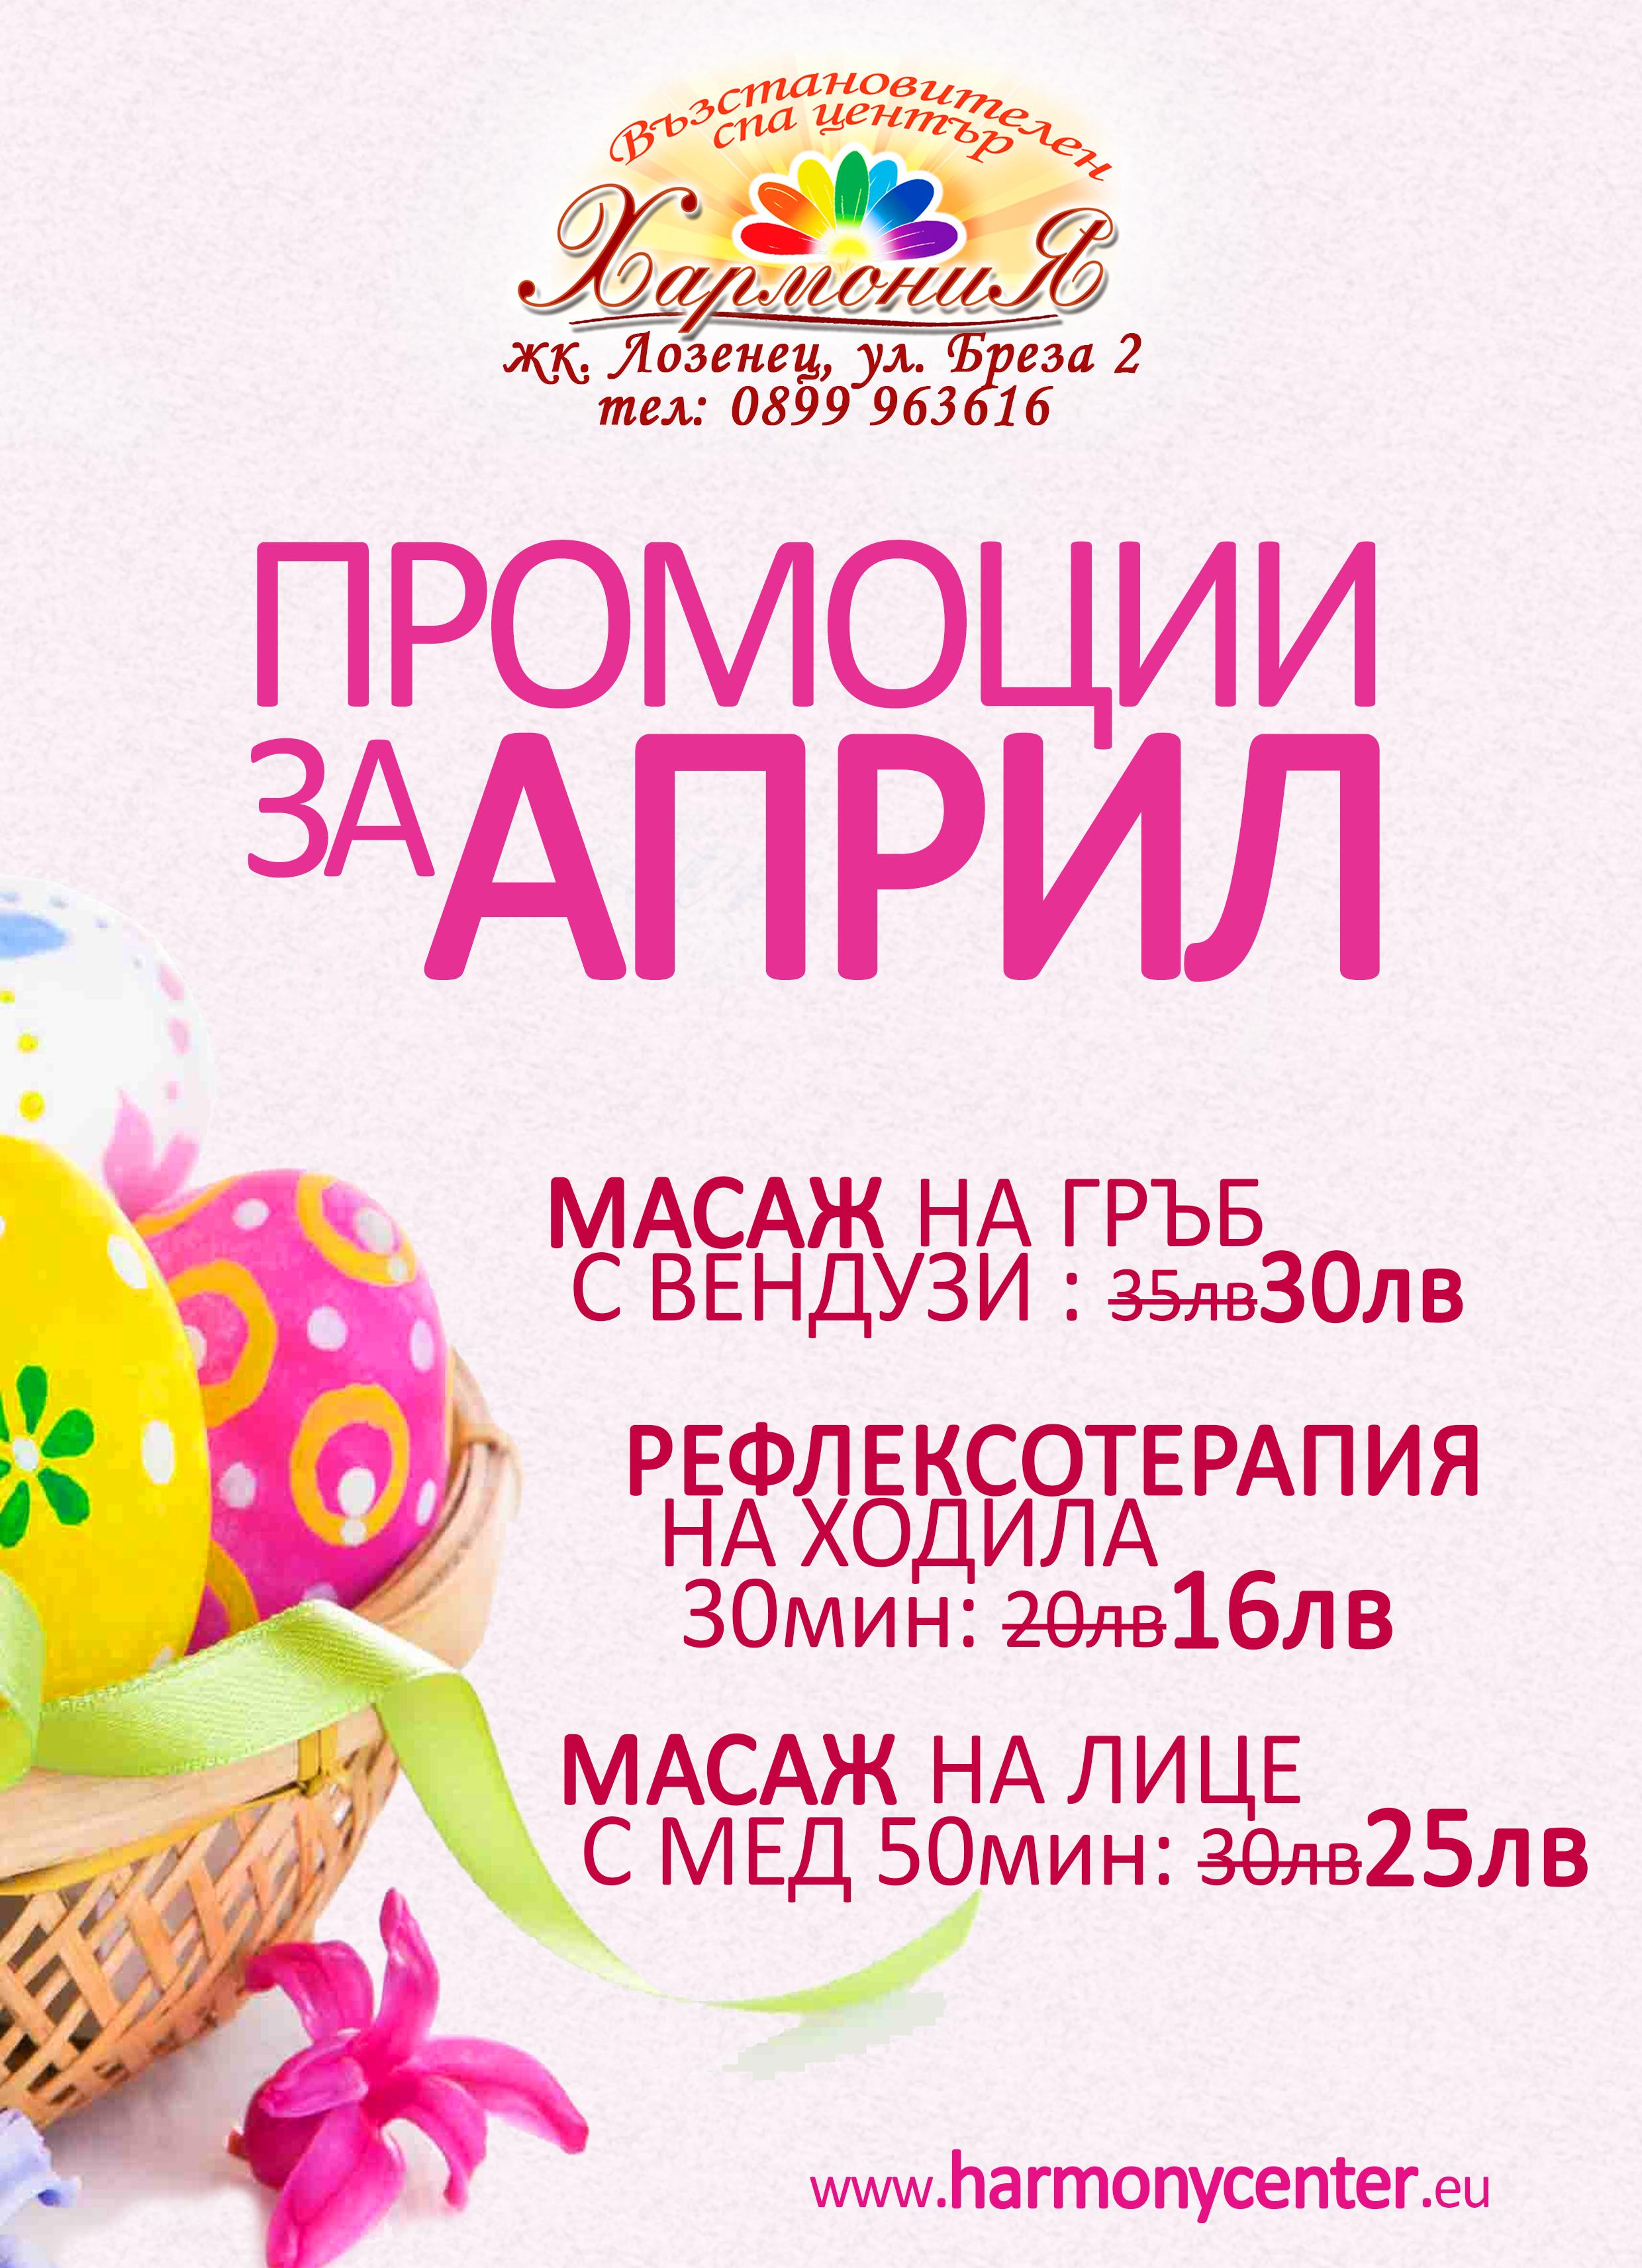 promocii april 2017